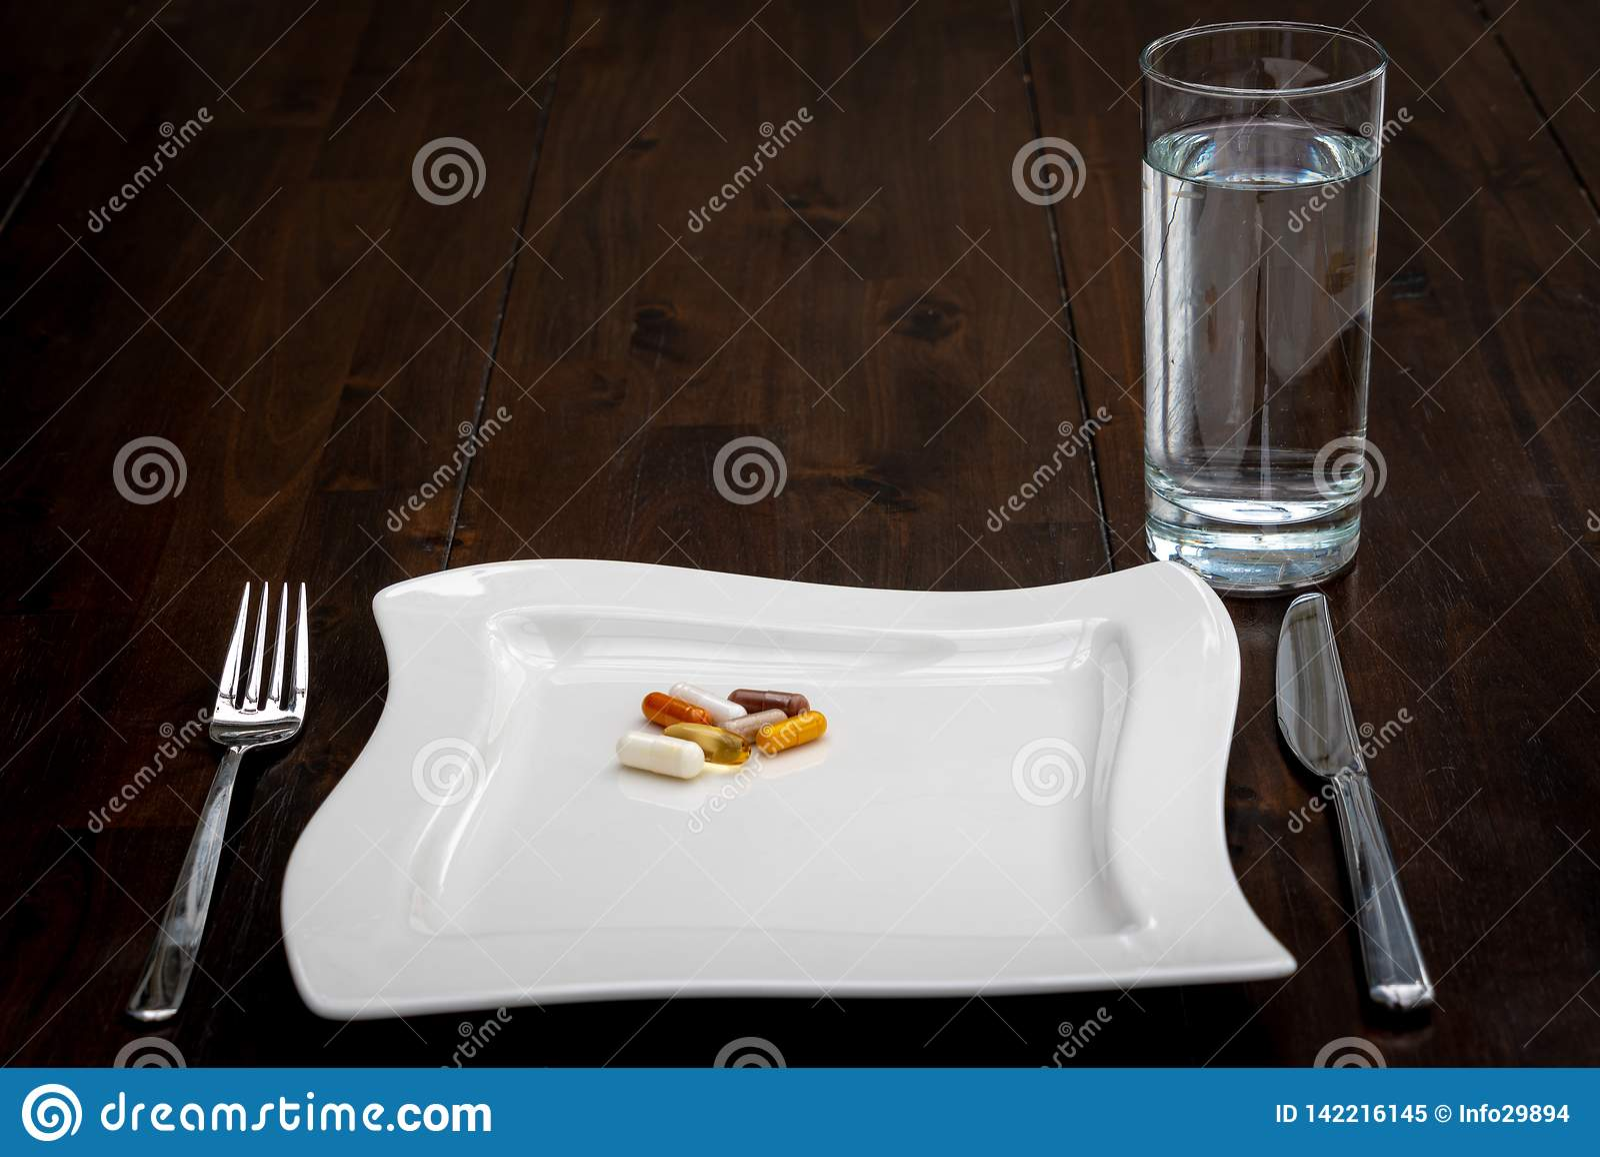 Les diverses pilules sont des plats blancs à côté d un verre de l eau sur une table brune